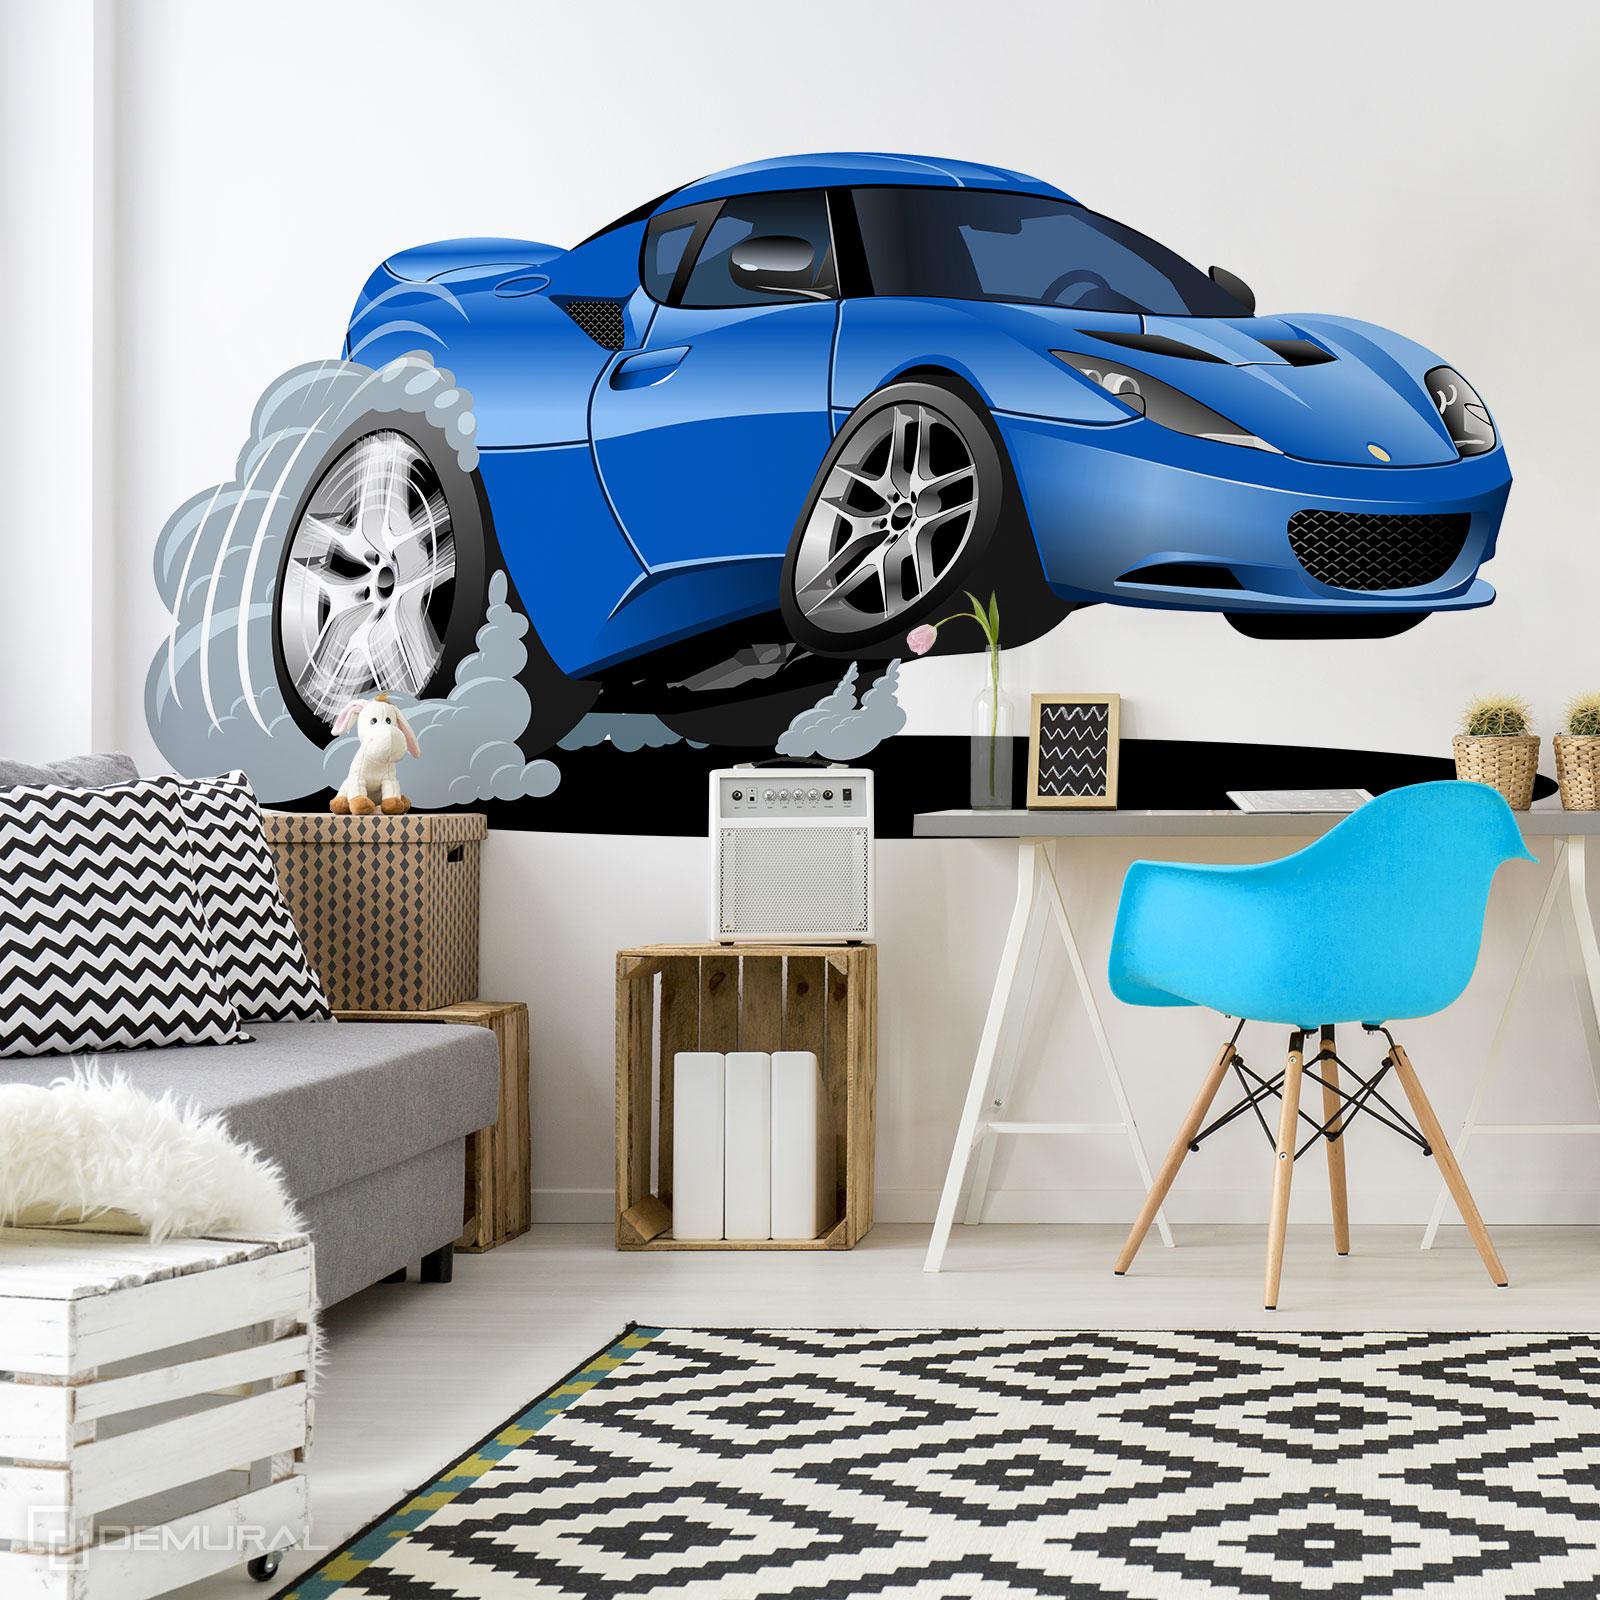 Papier peint Excès de vitesse voiture de jouet - papier peint avec voiture - Demural